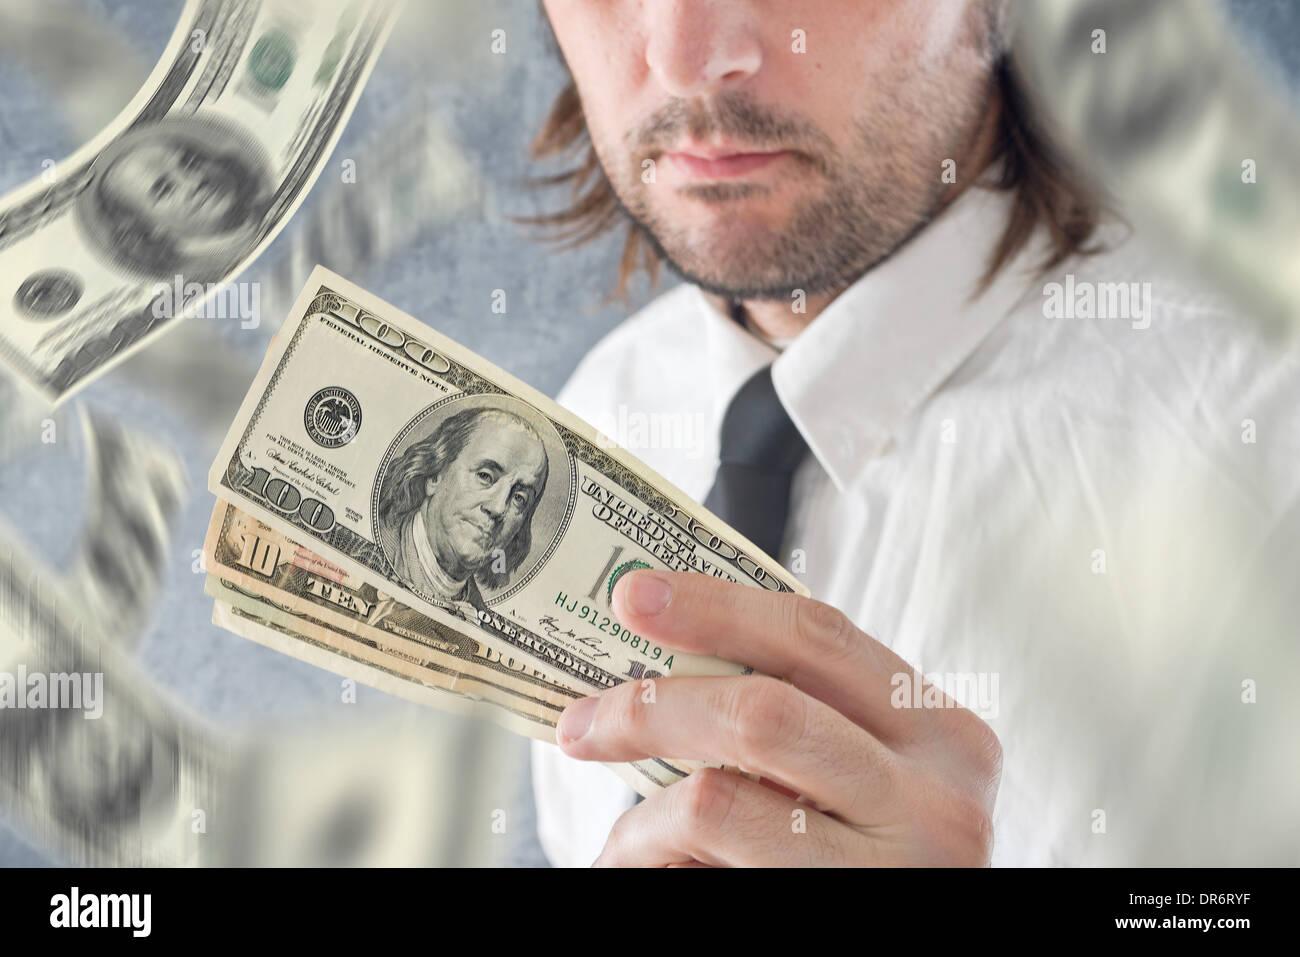 amp; Con Tenendo Foto Moneta Dollari Stati Uniti Banconote Le Negli Alamy In Che - 65918707 Pagamento Stock Dal Cielo Imprenditore Cadono Immagine